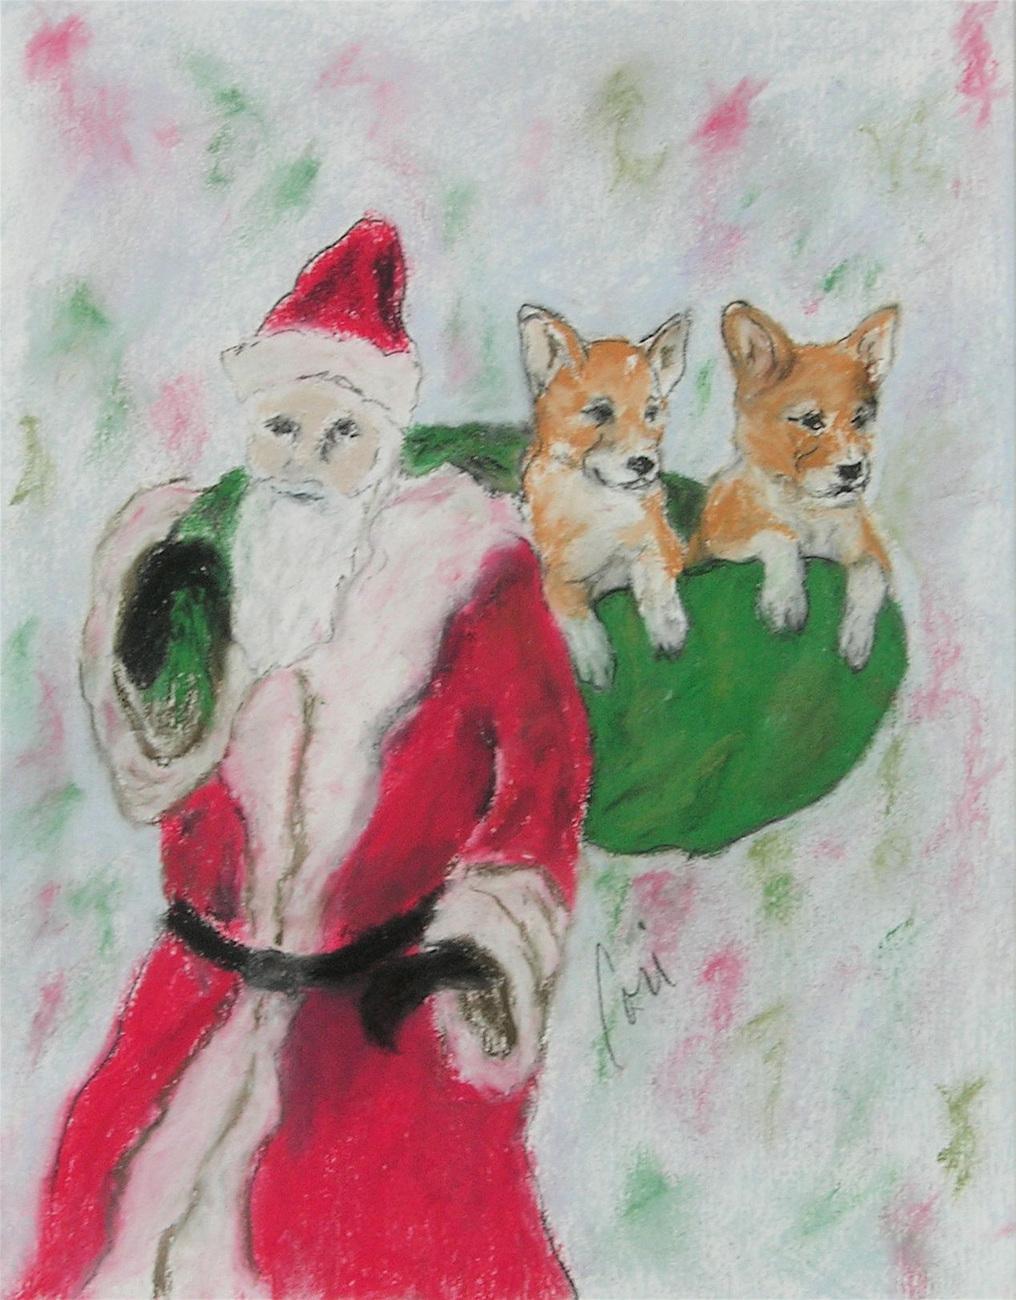 Santa Claus Holiday Christmas Corgi Dog Art Pastel Drawing S